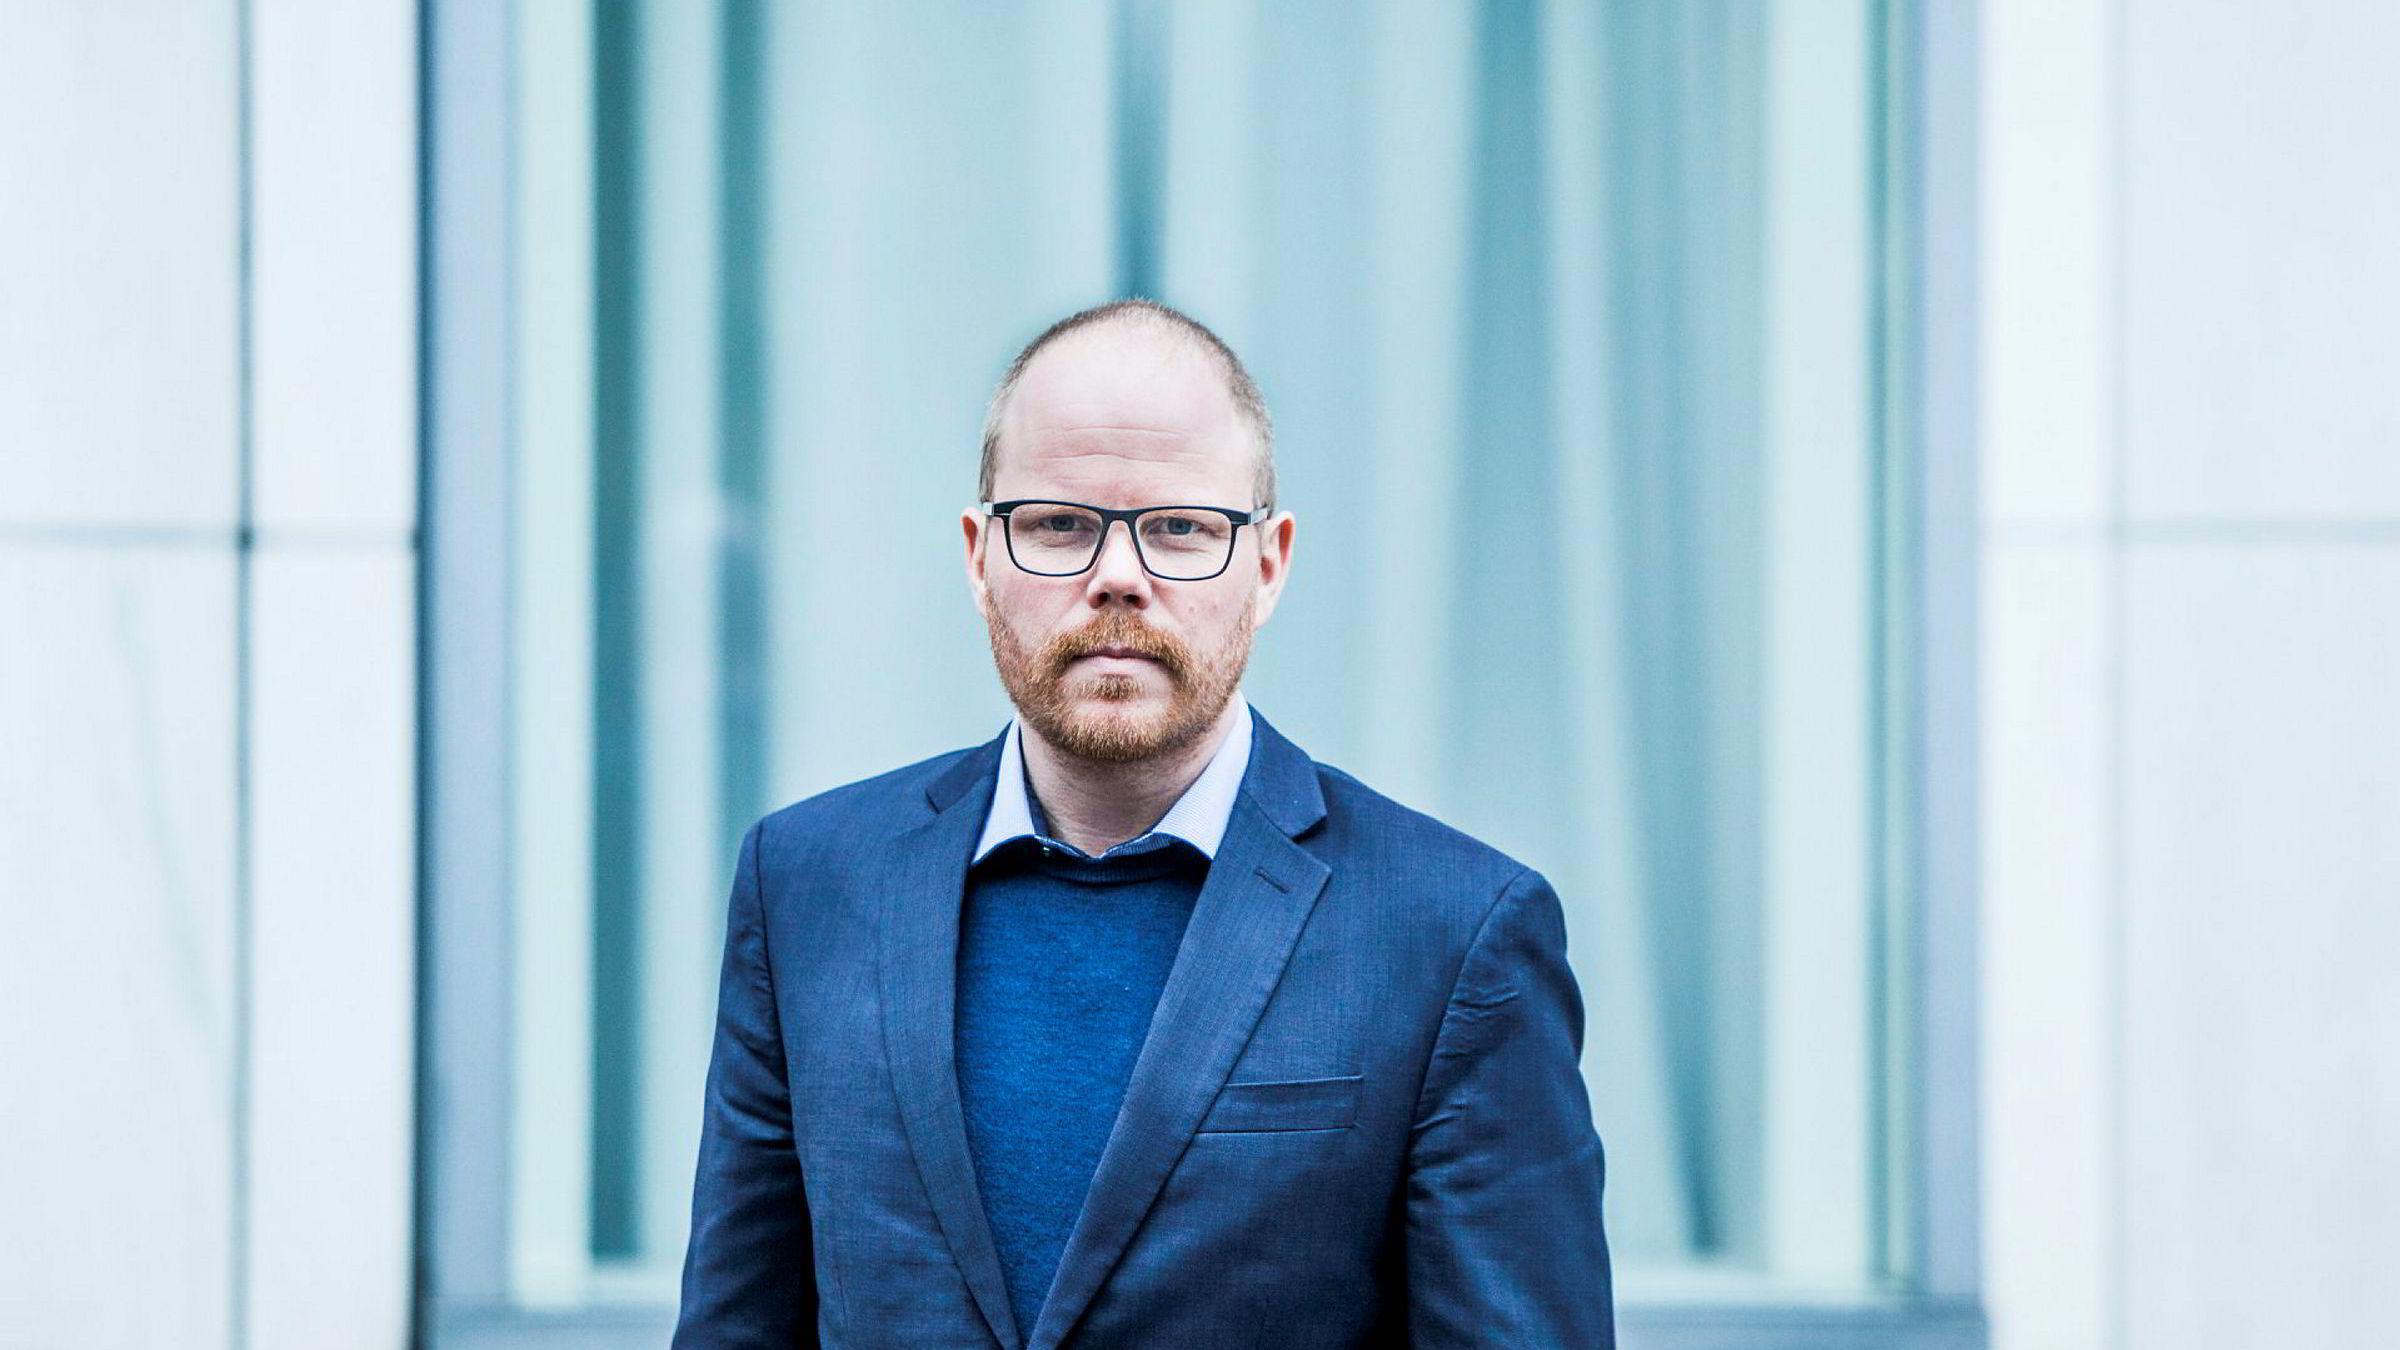 Gard Steiro blir VGs nye sjefredaktør fra neste uke. Han tar over for Torry Pedersen.